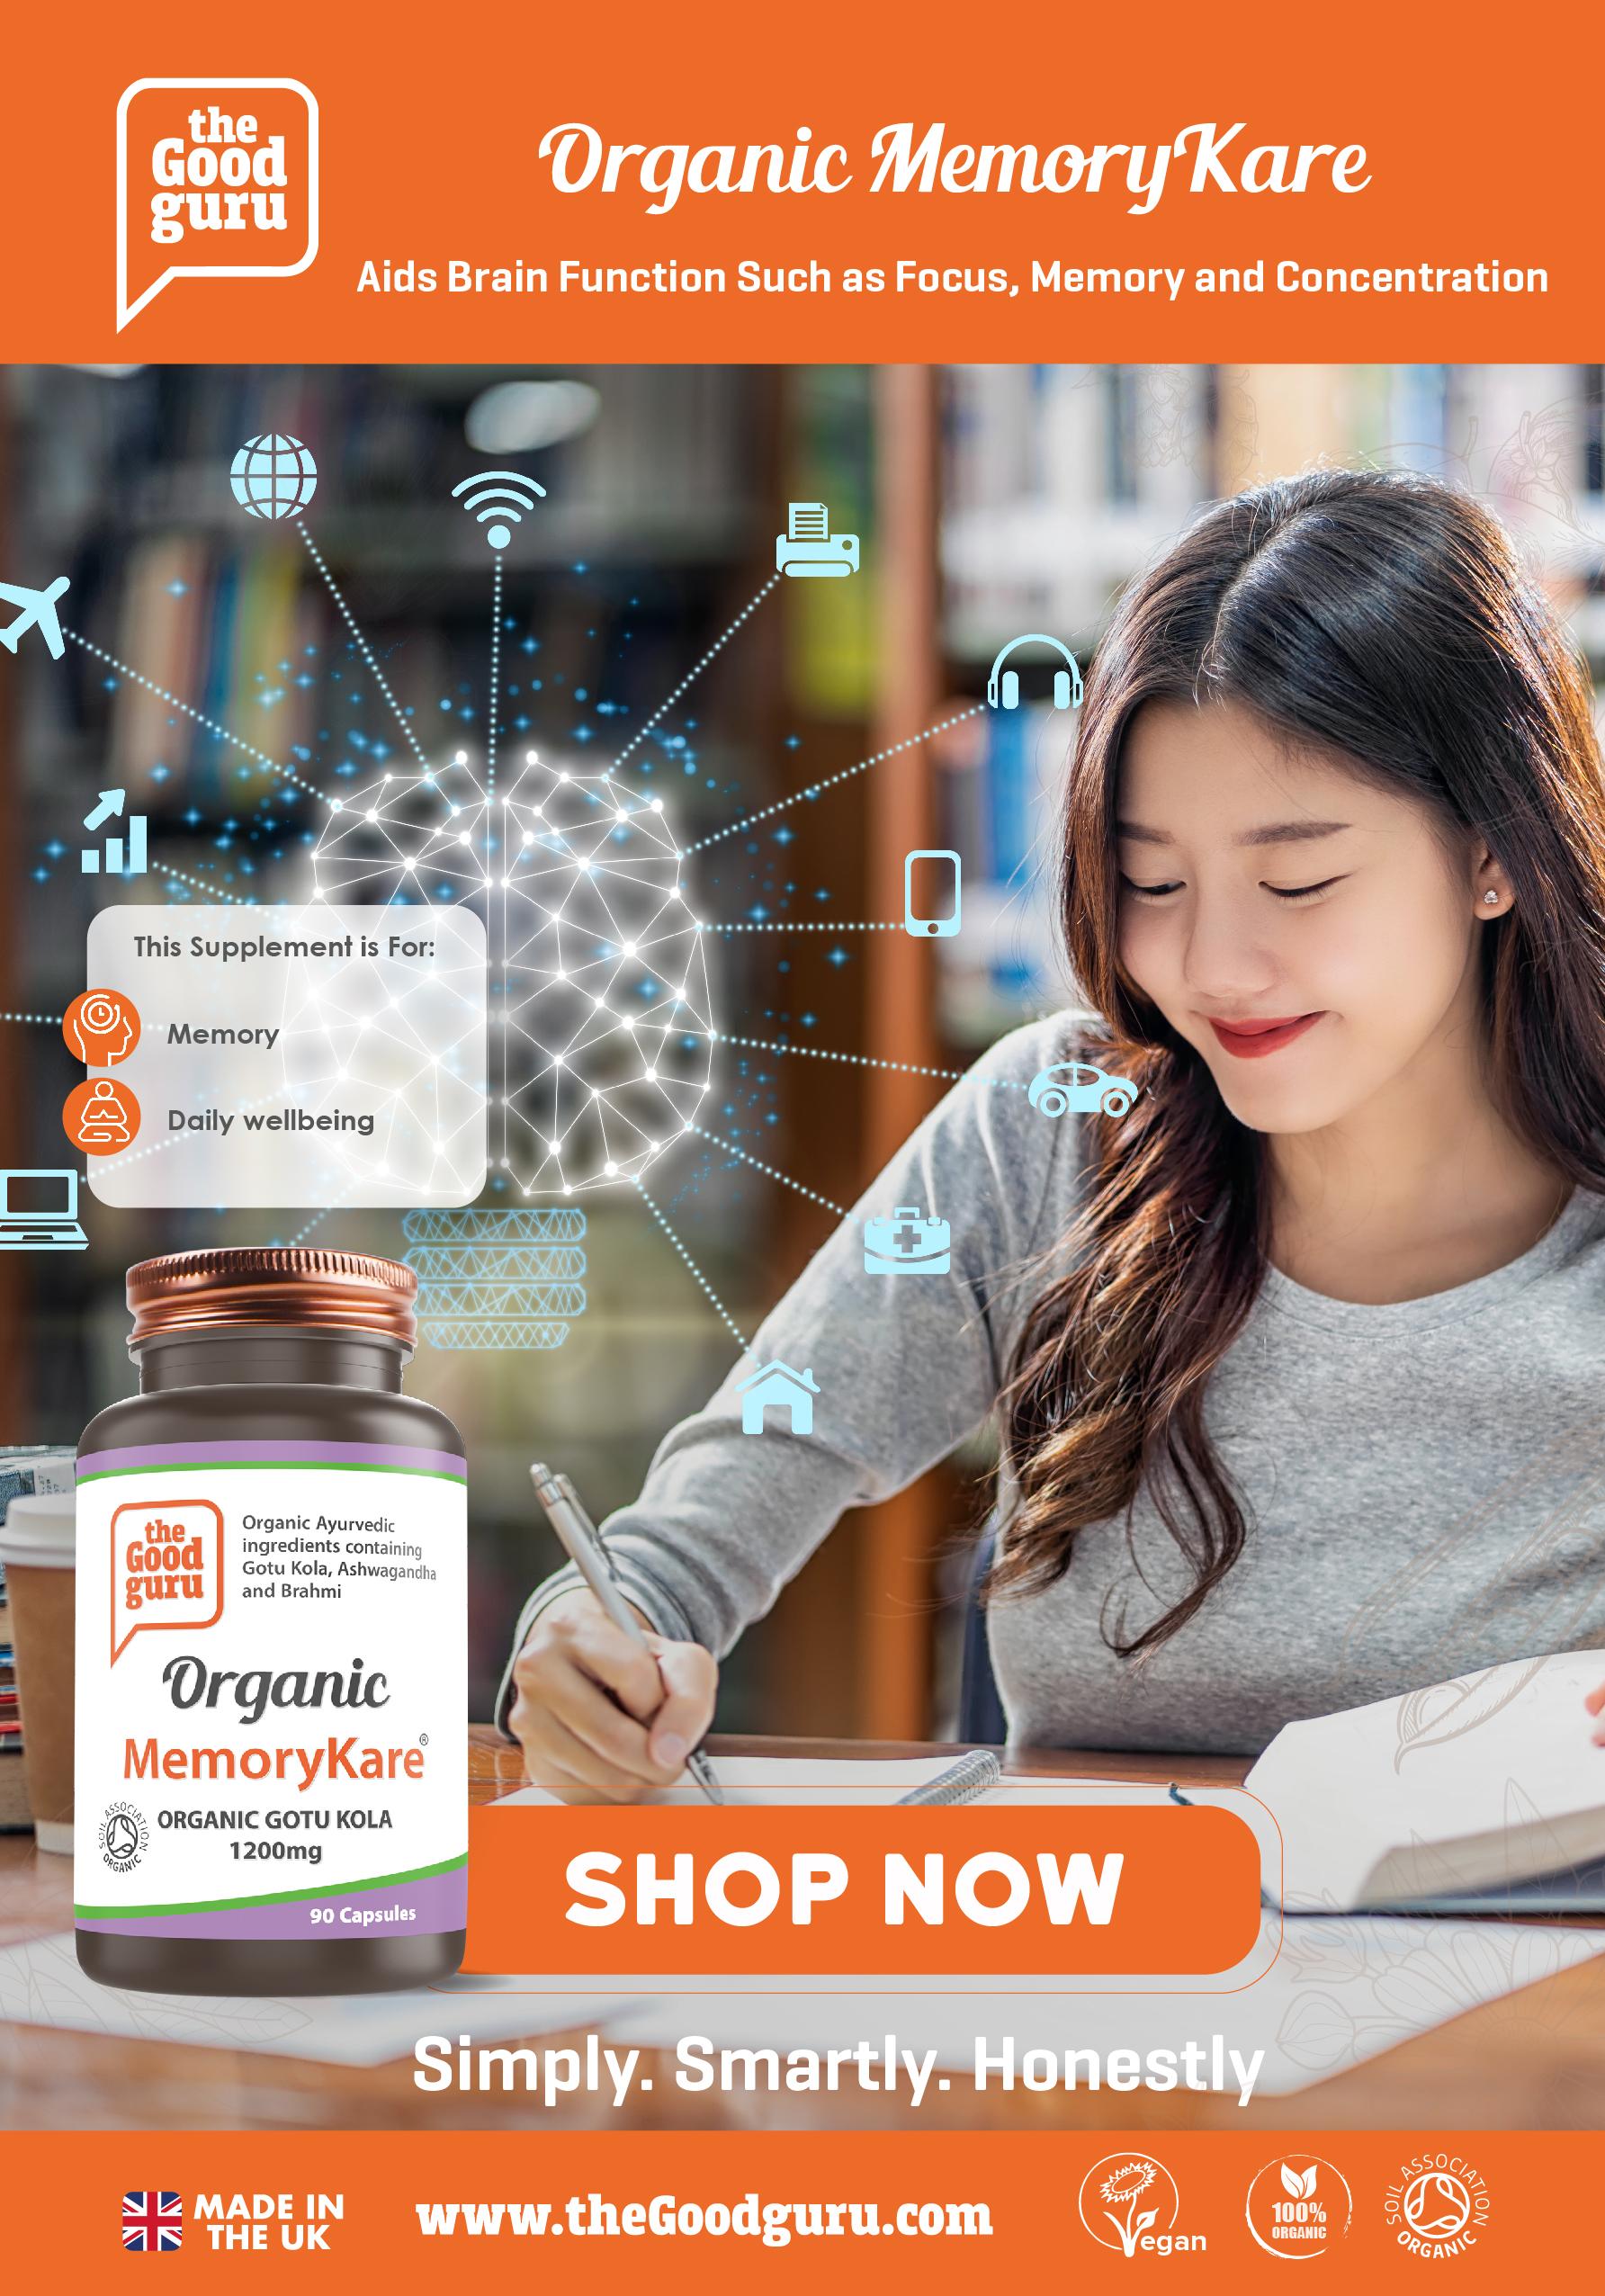 Organic_MemoryKare